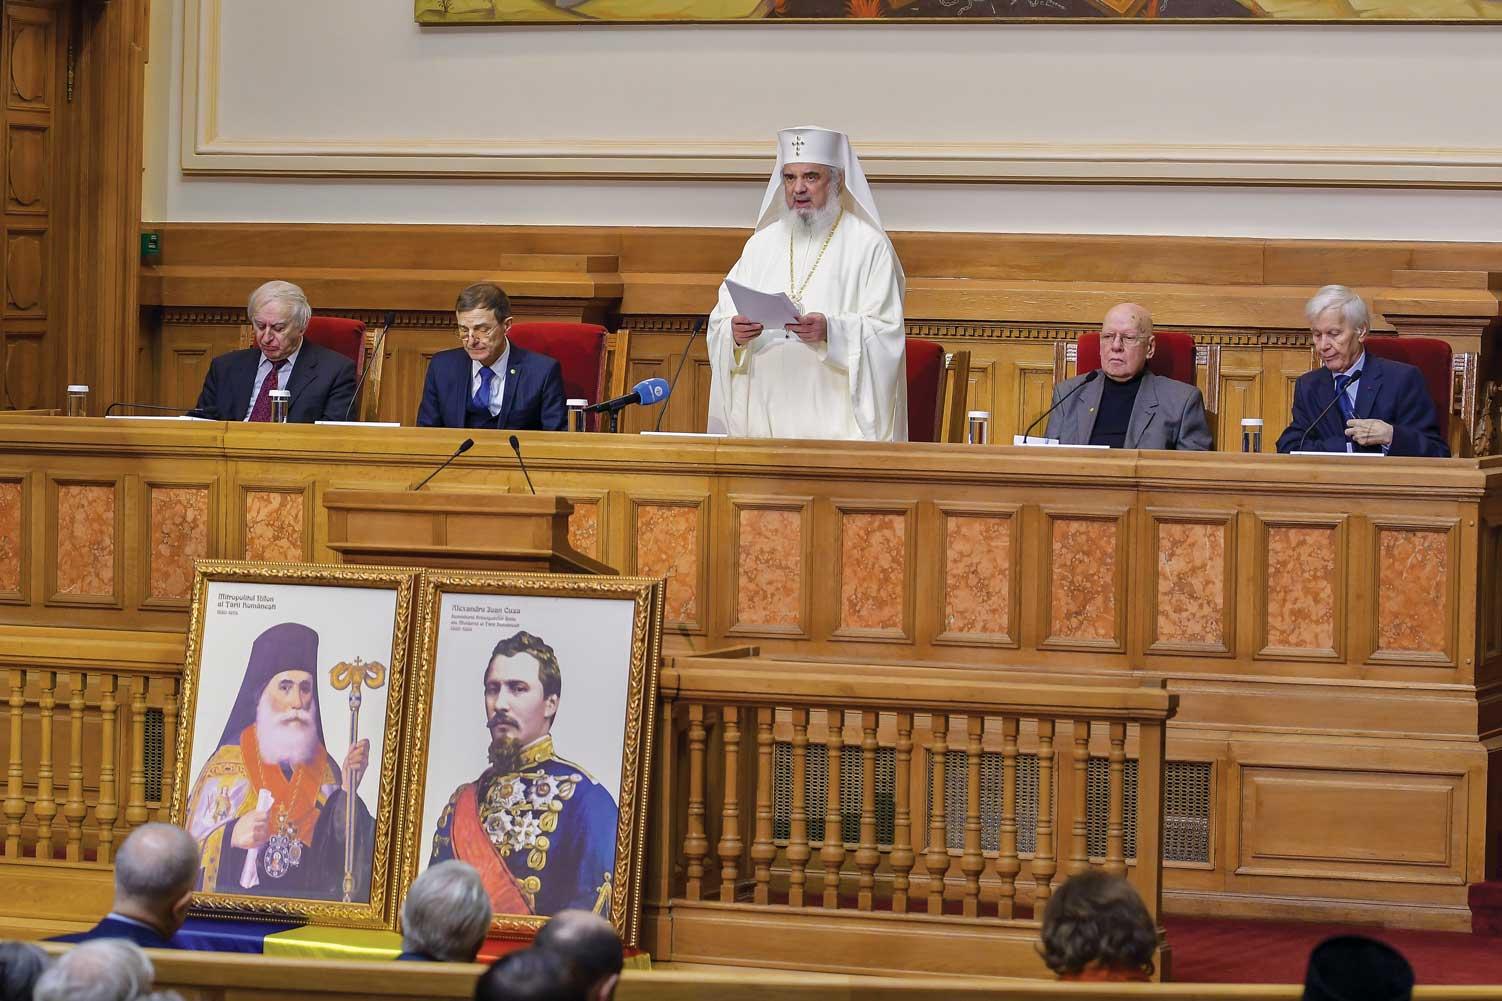 Biserica a promovat unitatea, libertatea şi demnitatea poporului român